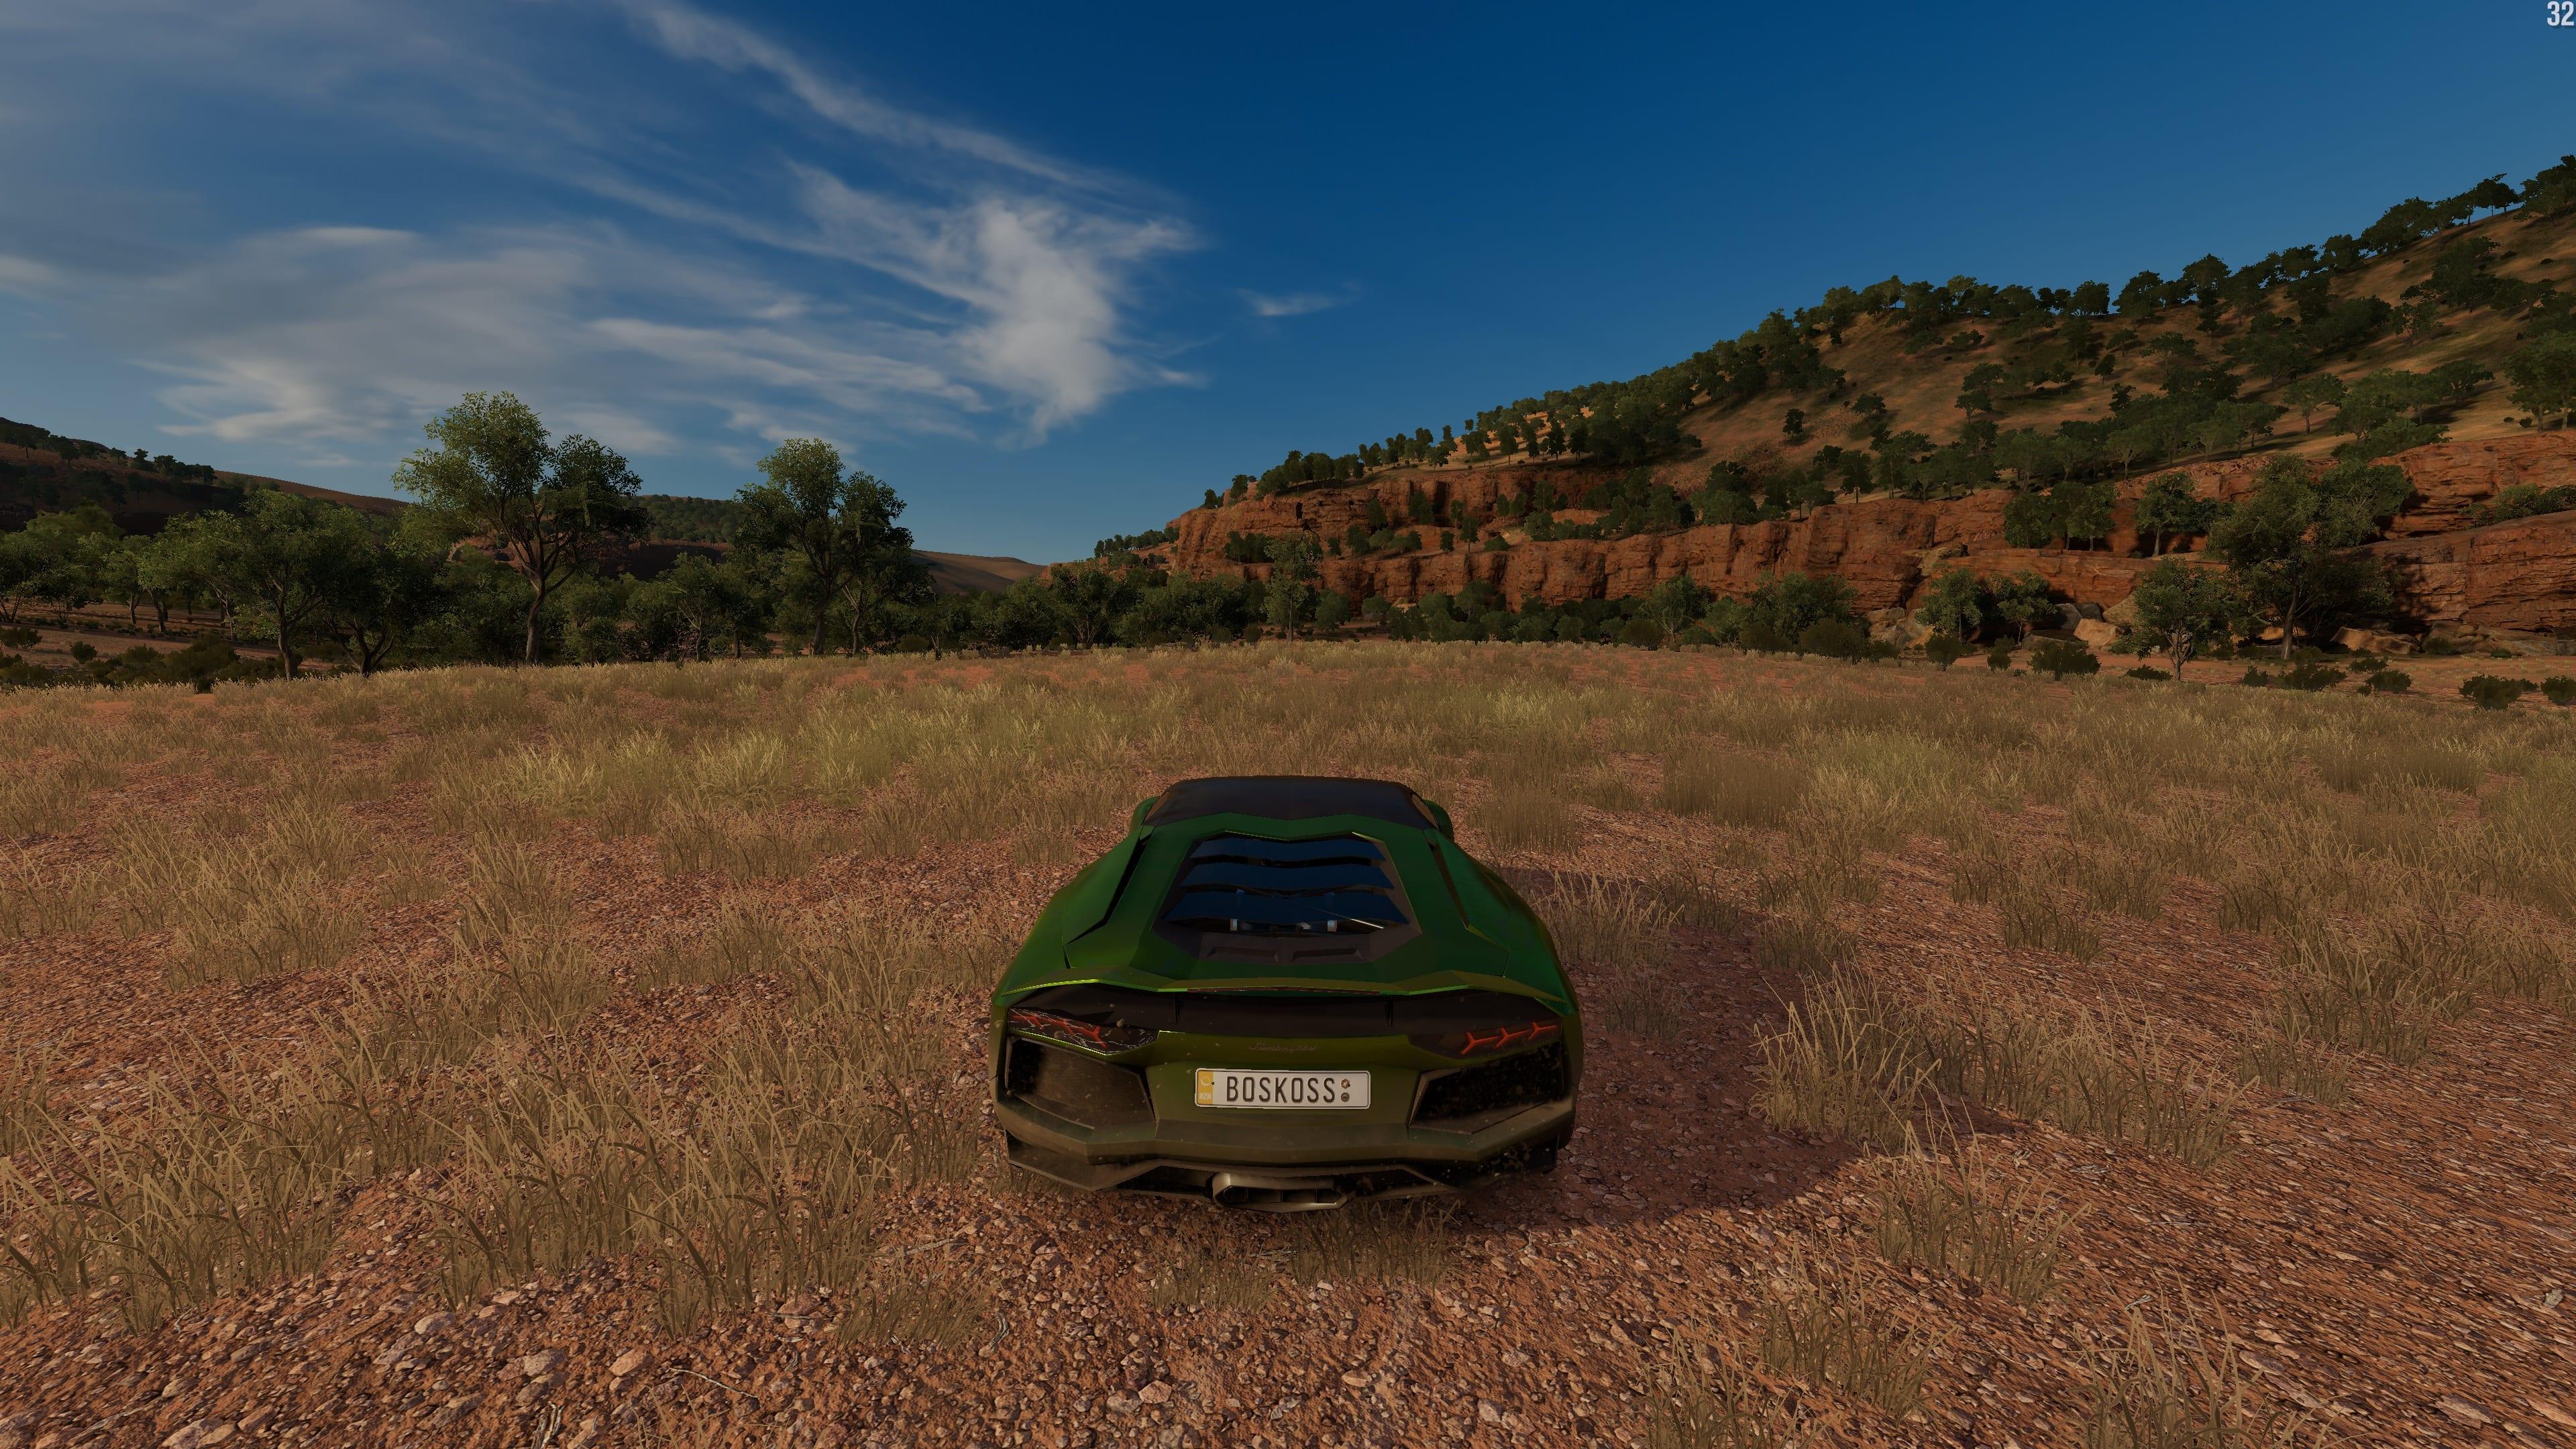 Forza Horizon  Car Understeers